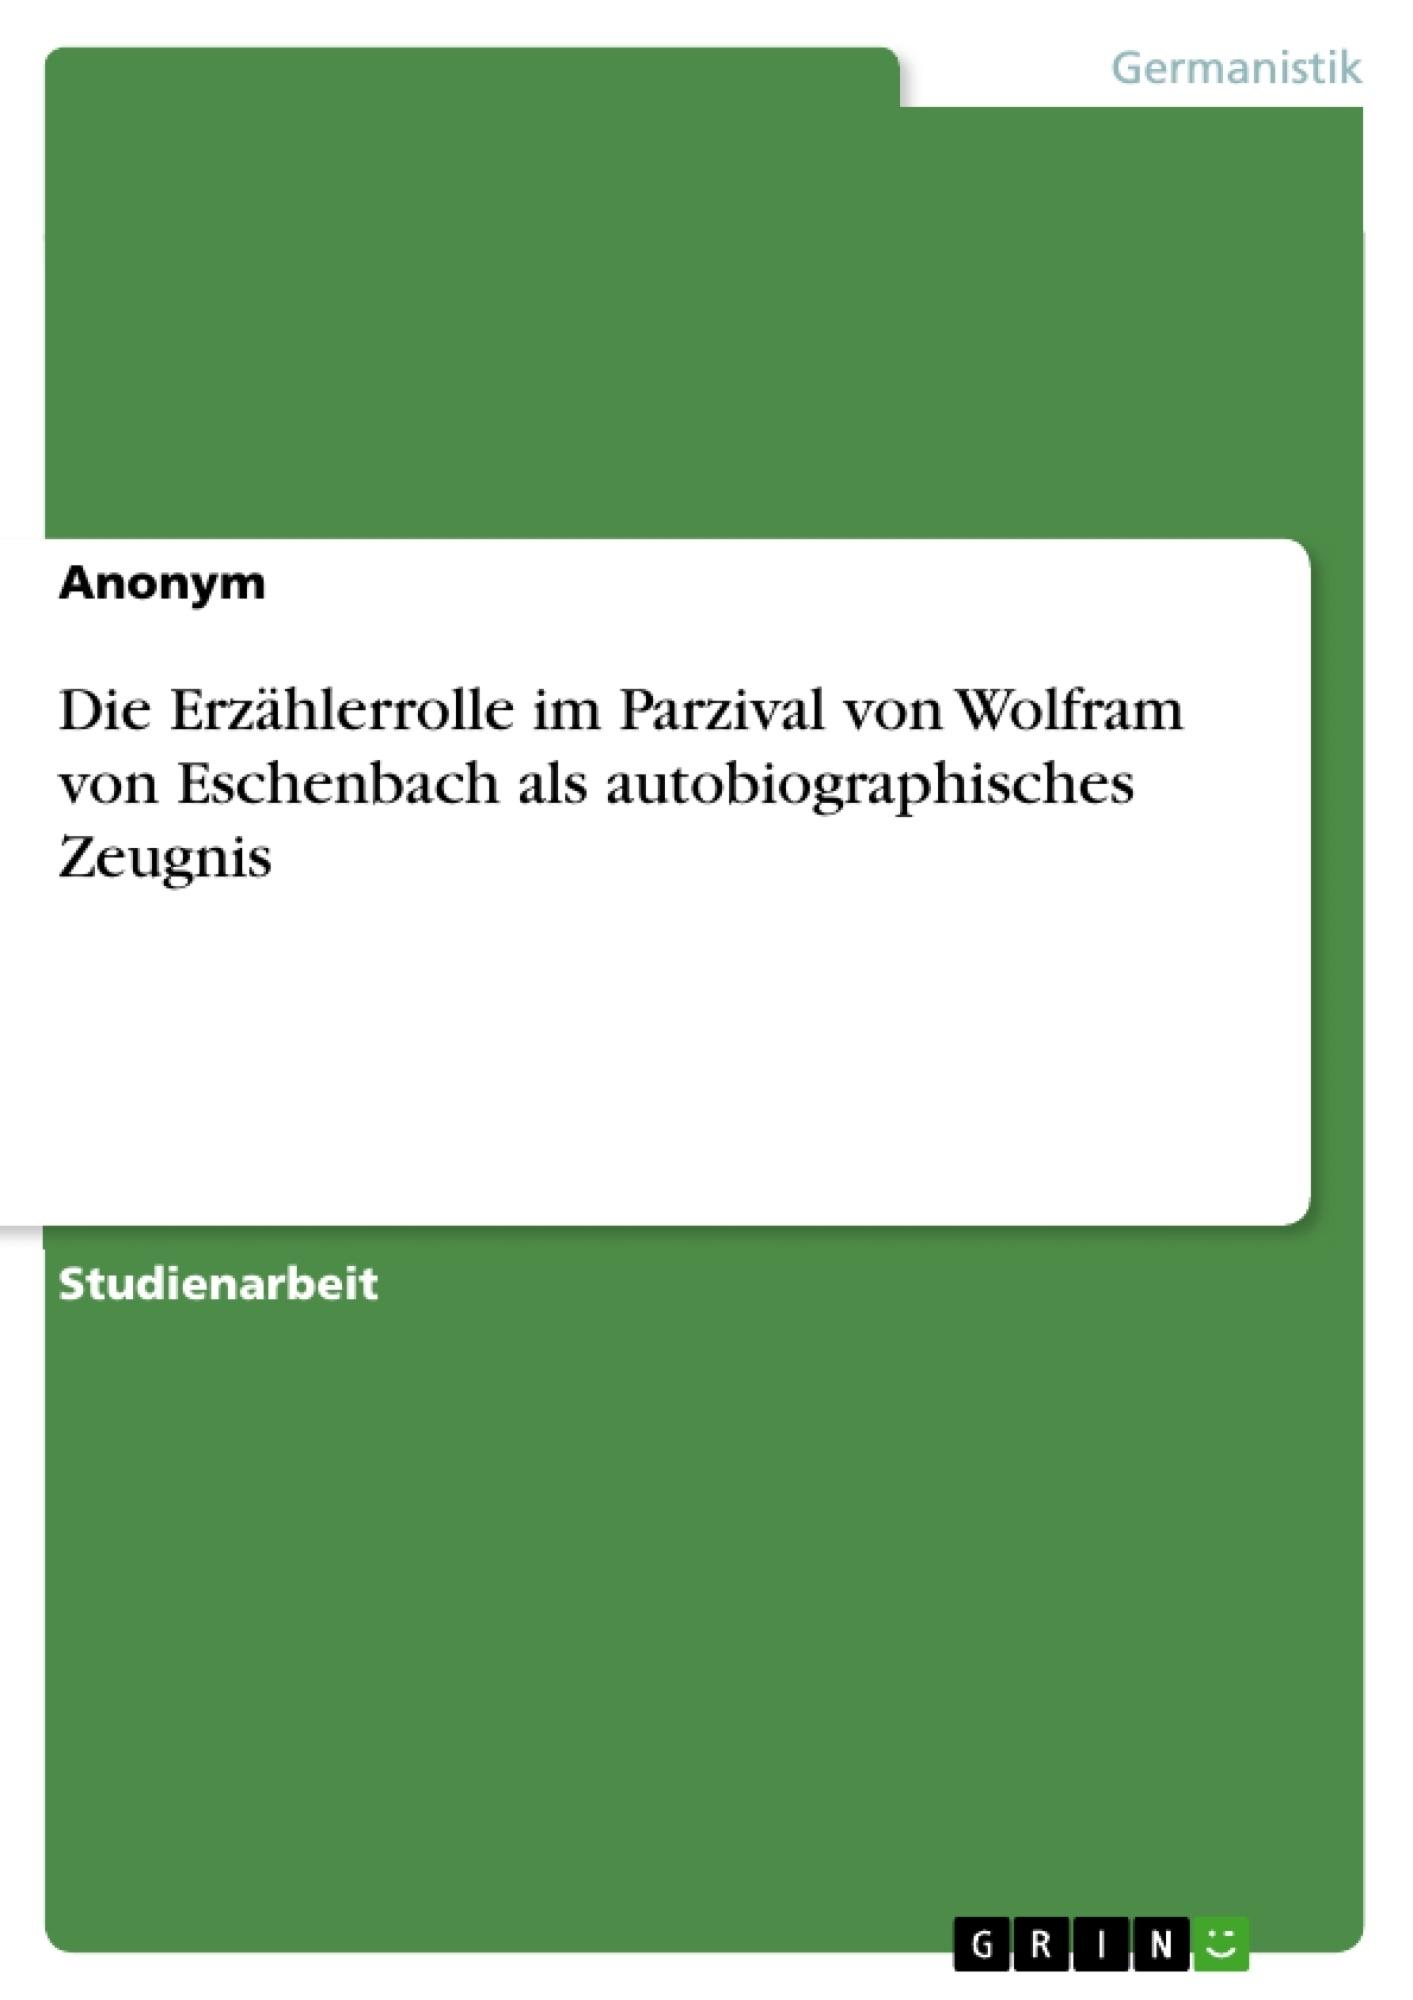 Titel: Die Erzählerrolle im Parzival von Wolfram von Eschenbach als autobiographisches Zeugnis